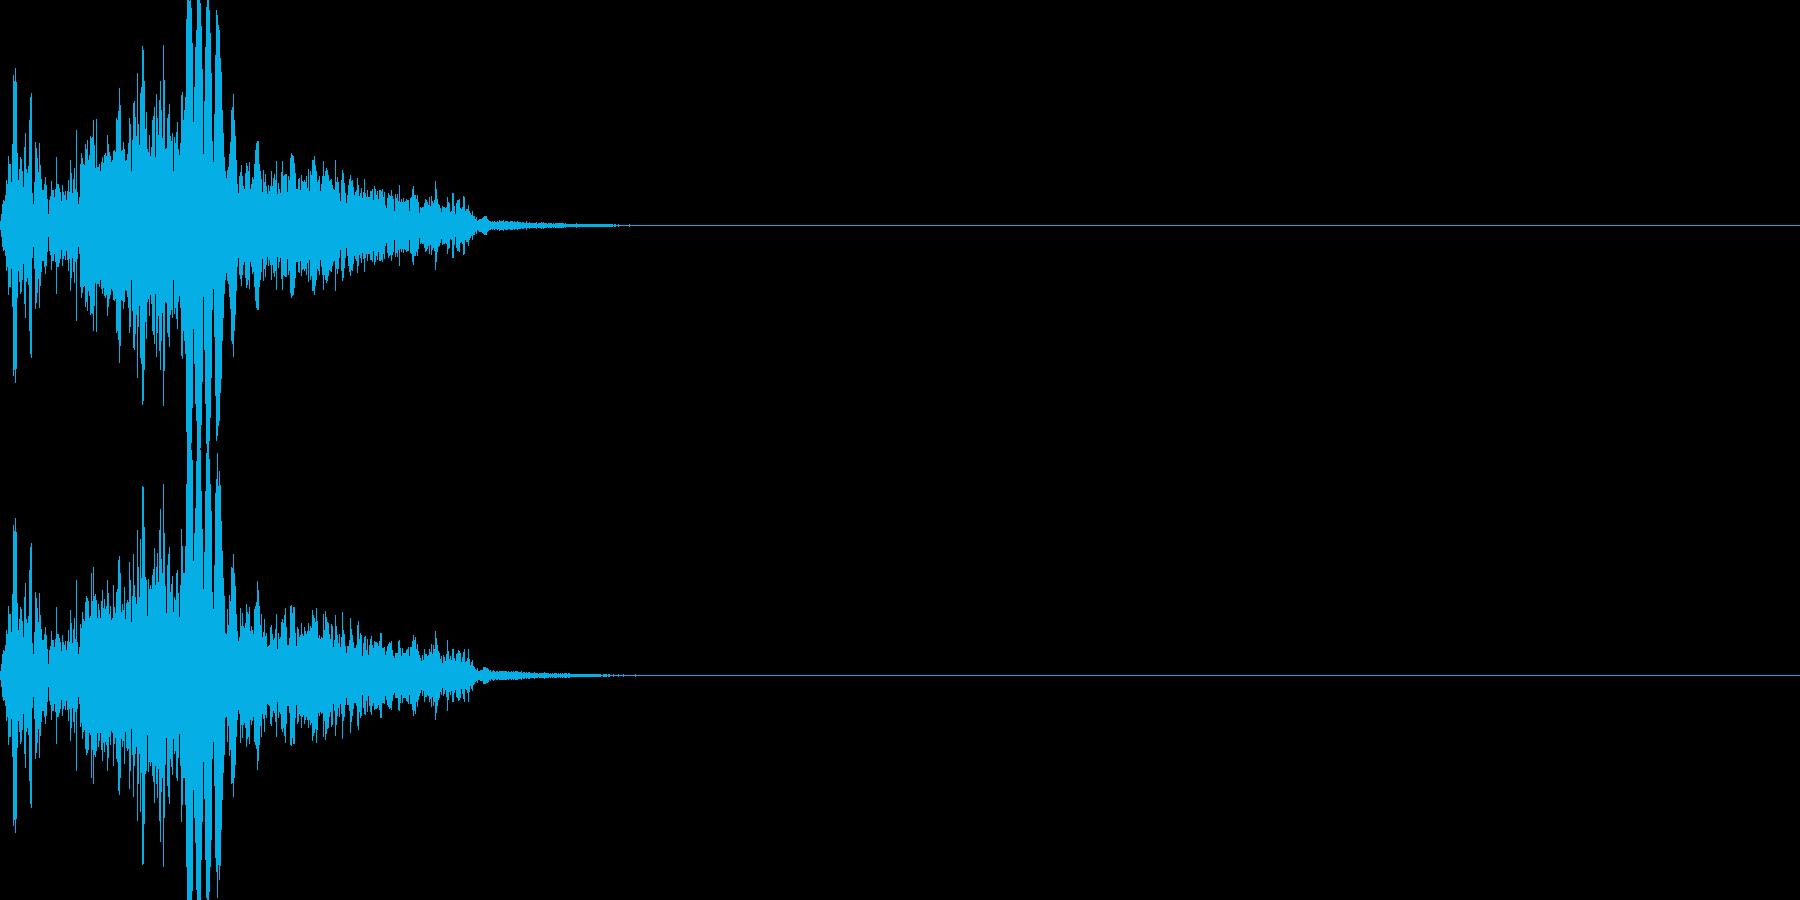 斬撃音・剣系武器の攻撃音の再生済みの波形